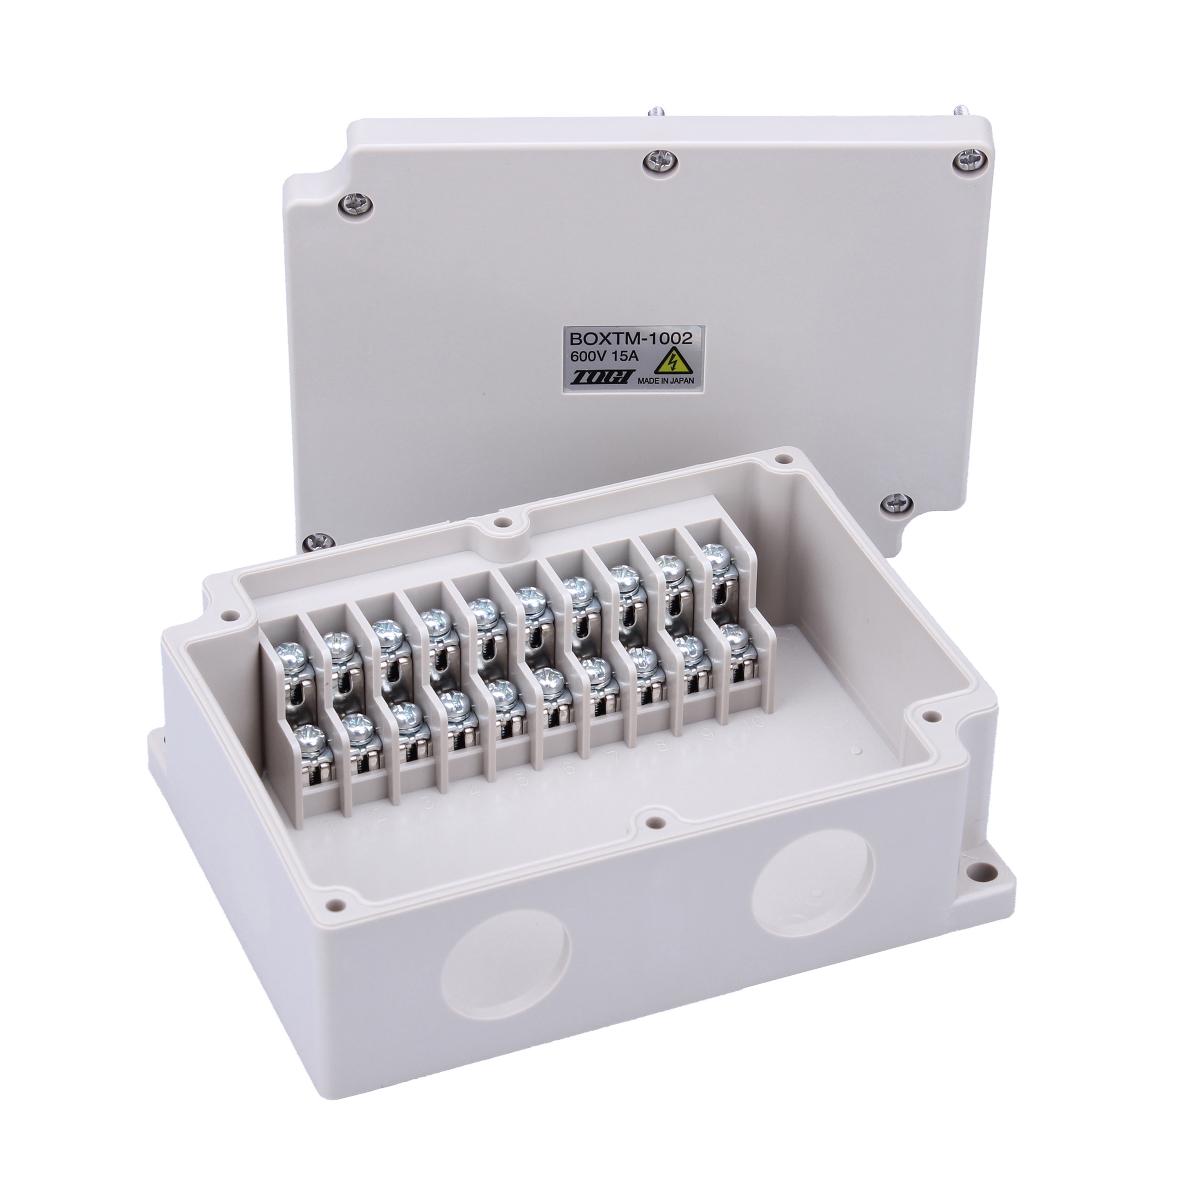 東洋技研製中継ボックス / 端子台付き BOXTM1002 5個 送料無料